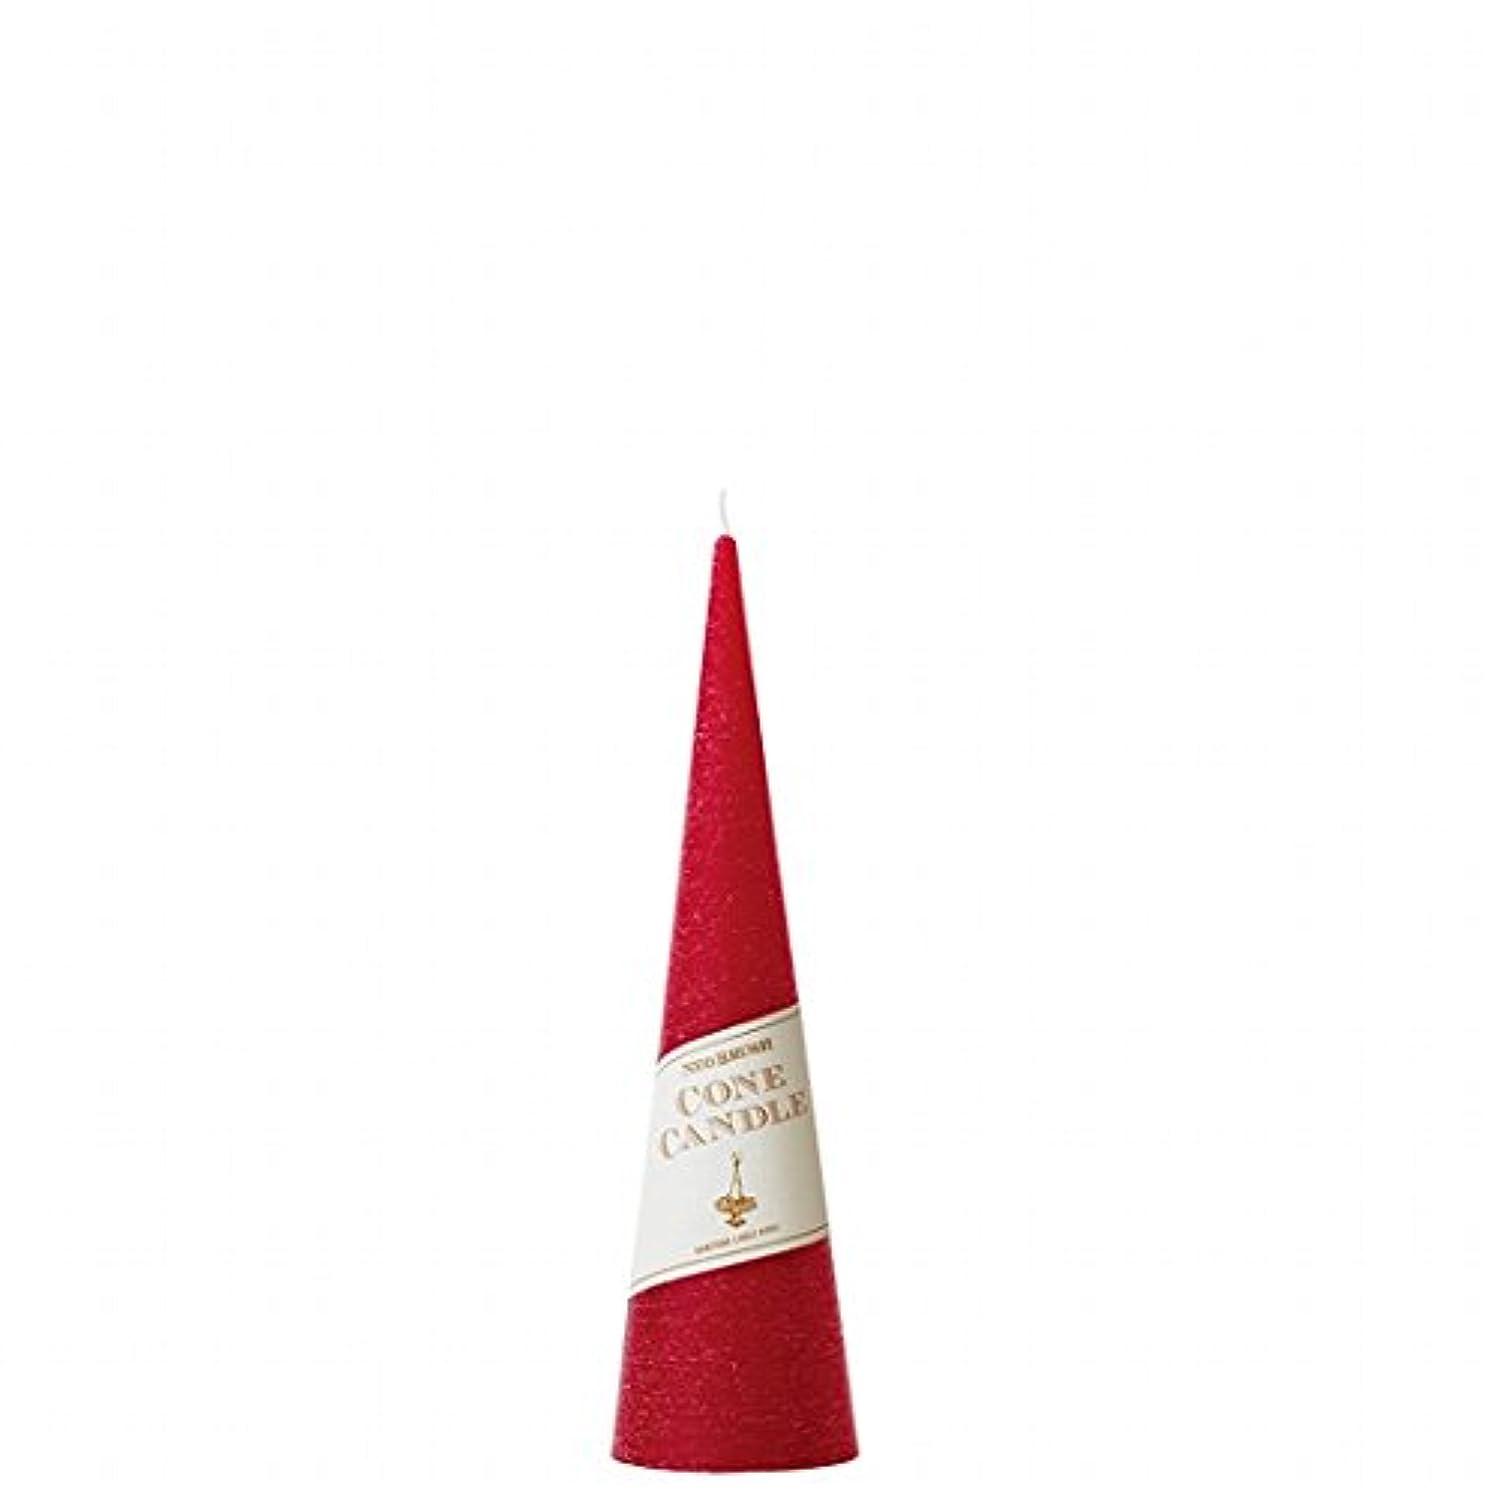 楽しませる準備するペダルkameyama candle(カメヤマキャンドル) ネオブラッシュコーン 180 キャンドル 「 レッド 」(A9750010R)